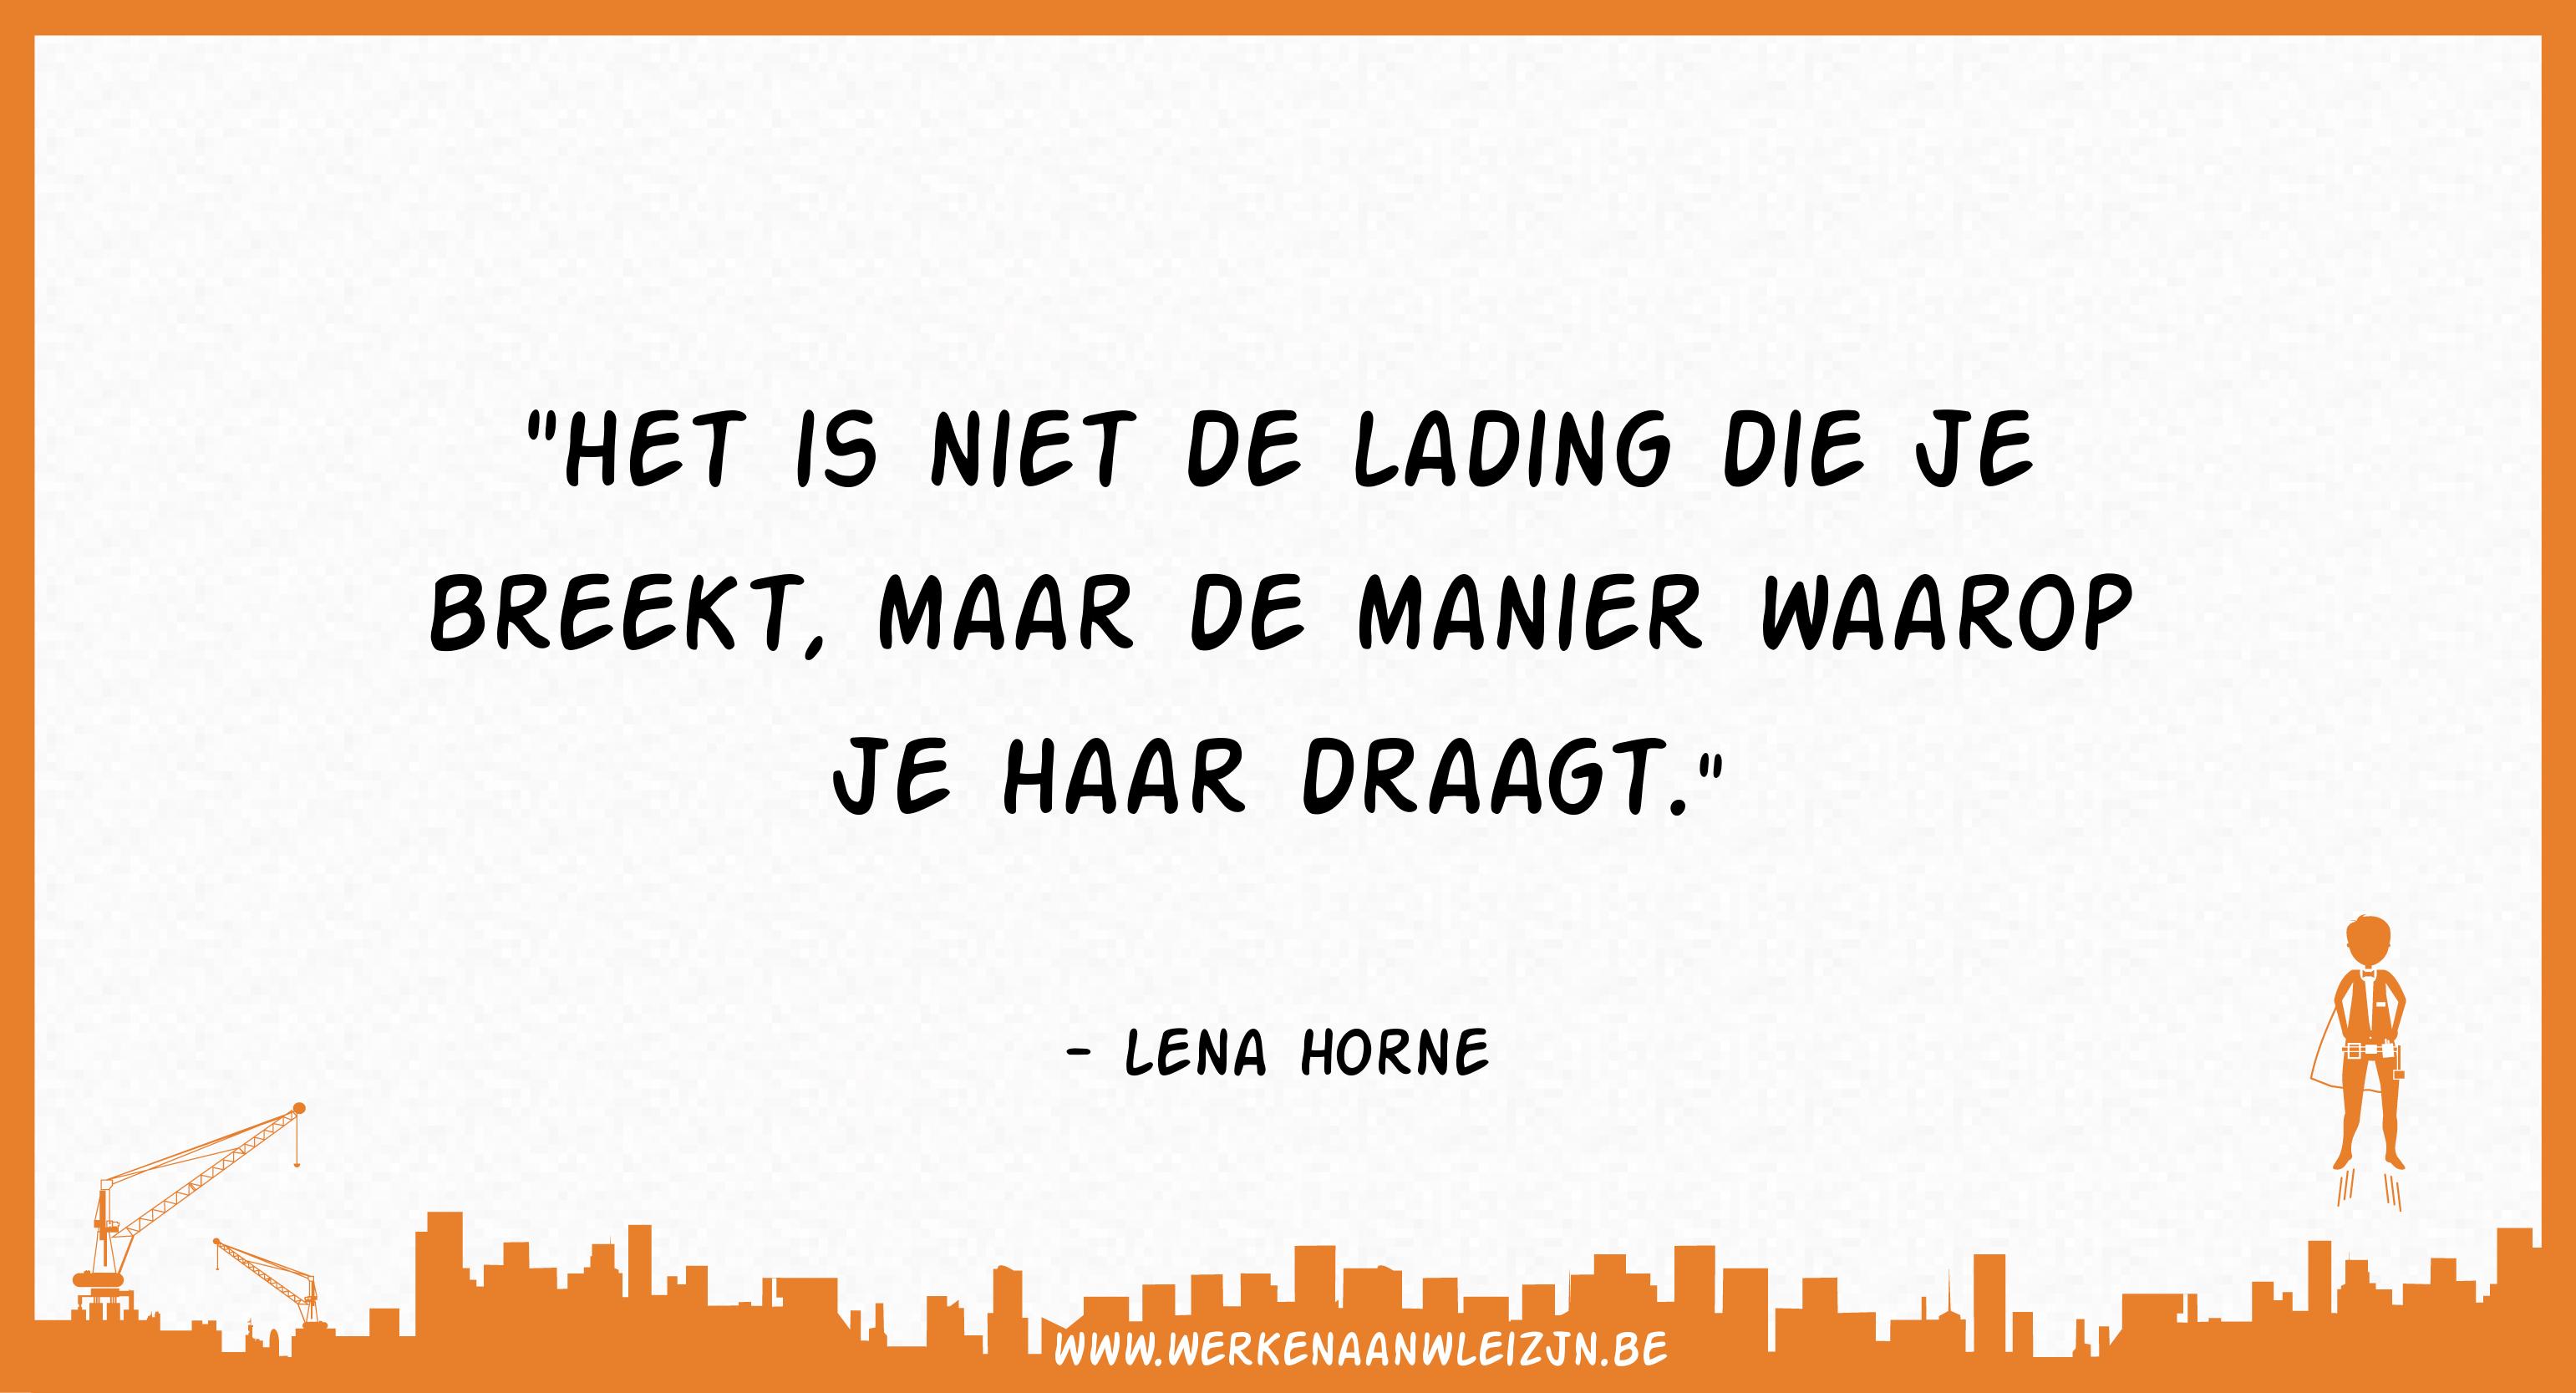 Het is niet de lading die je breekt, maar de manier waarop je haar draagt (Lena Horne)